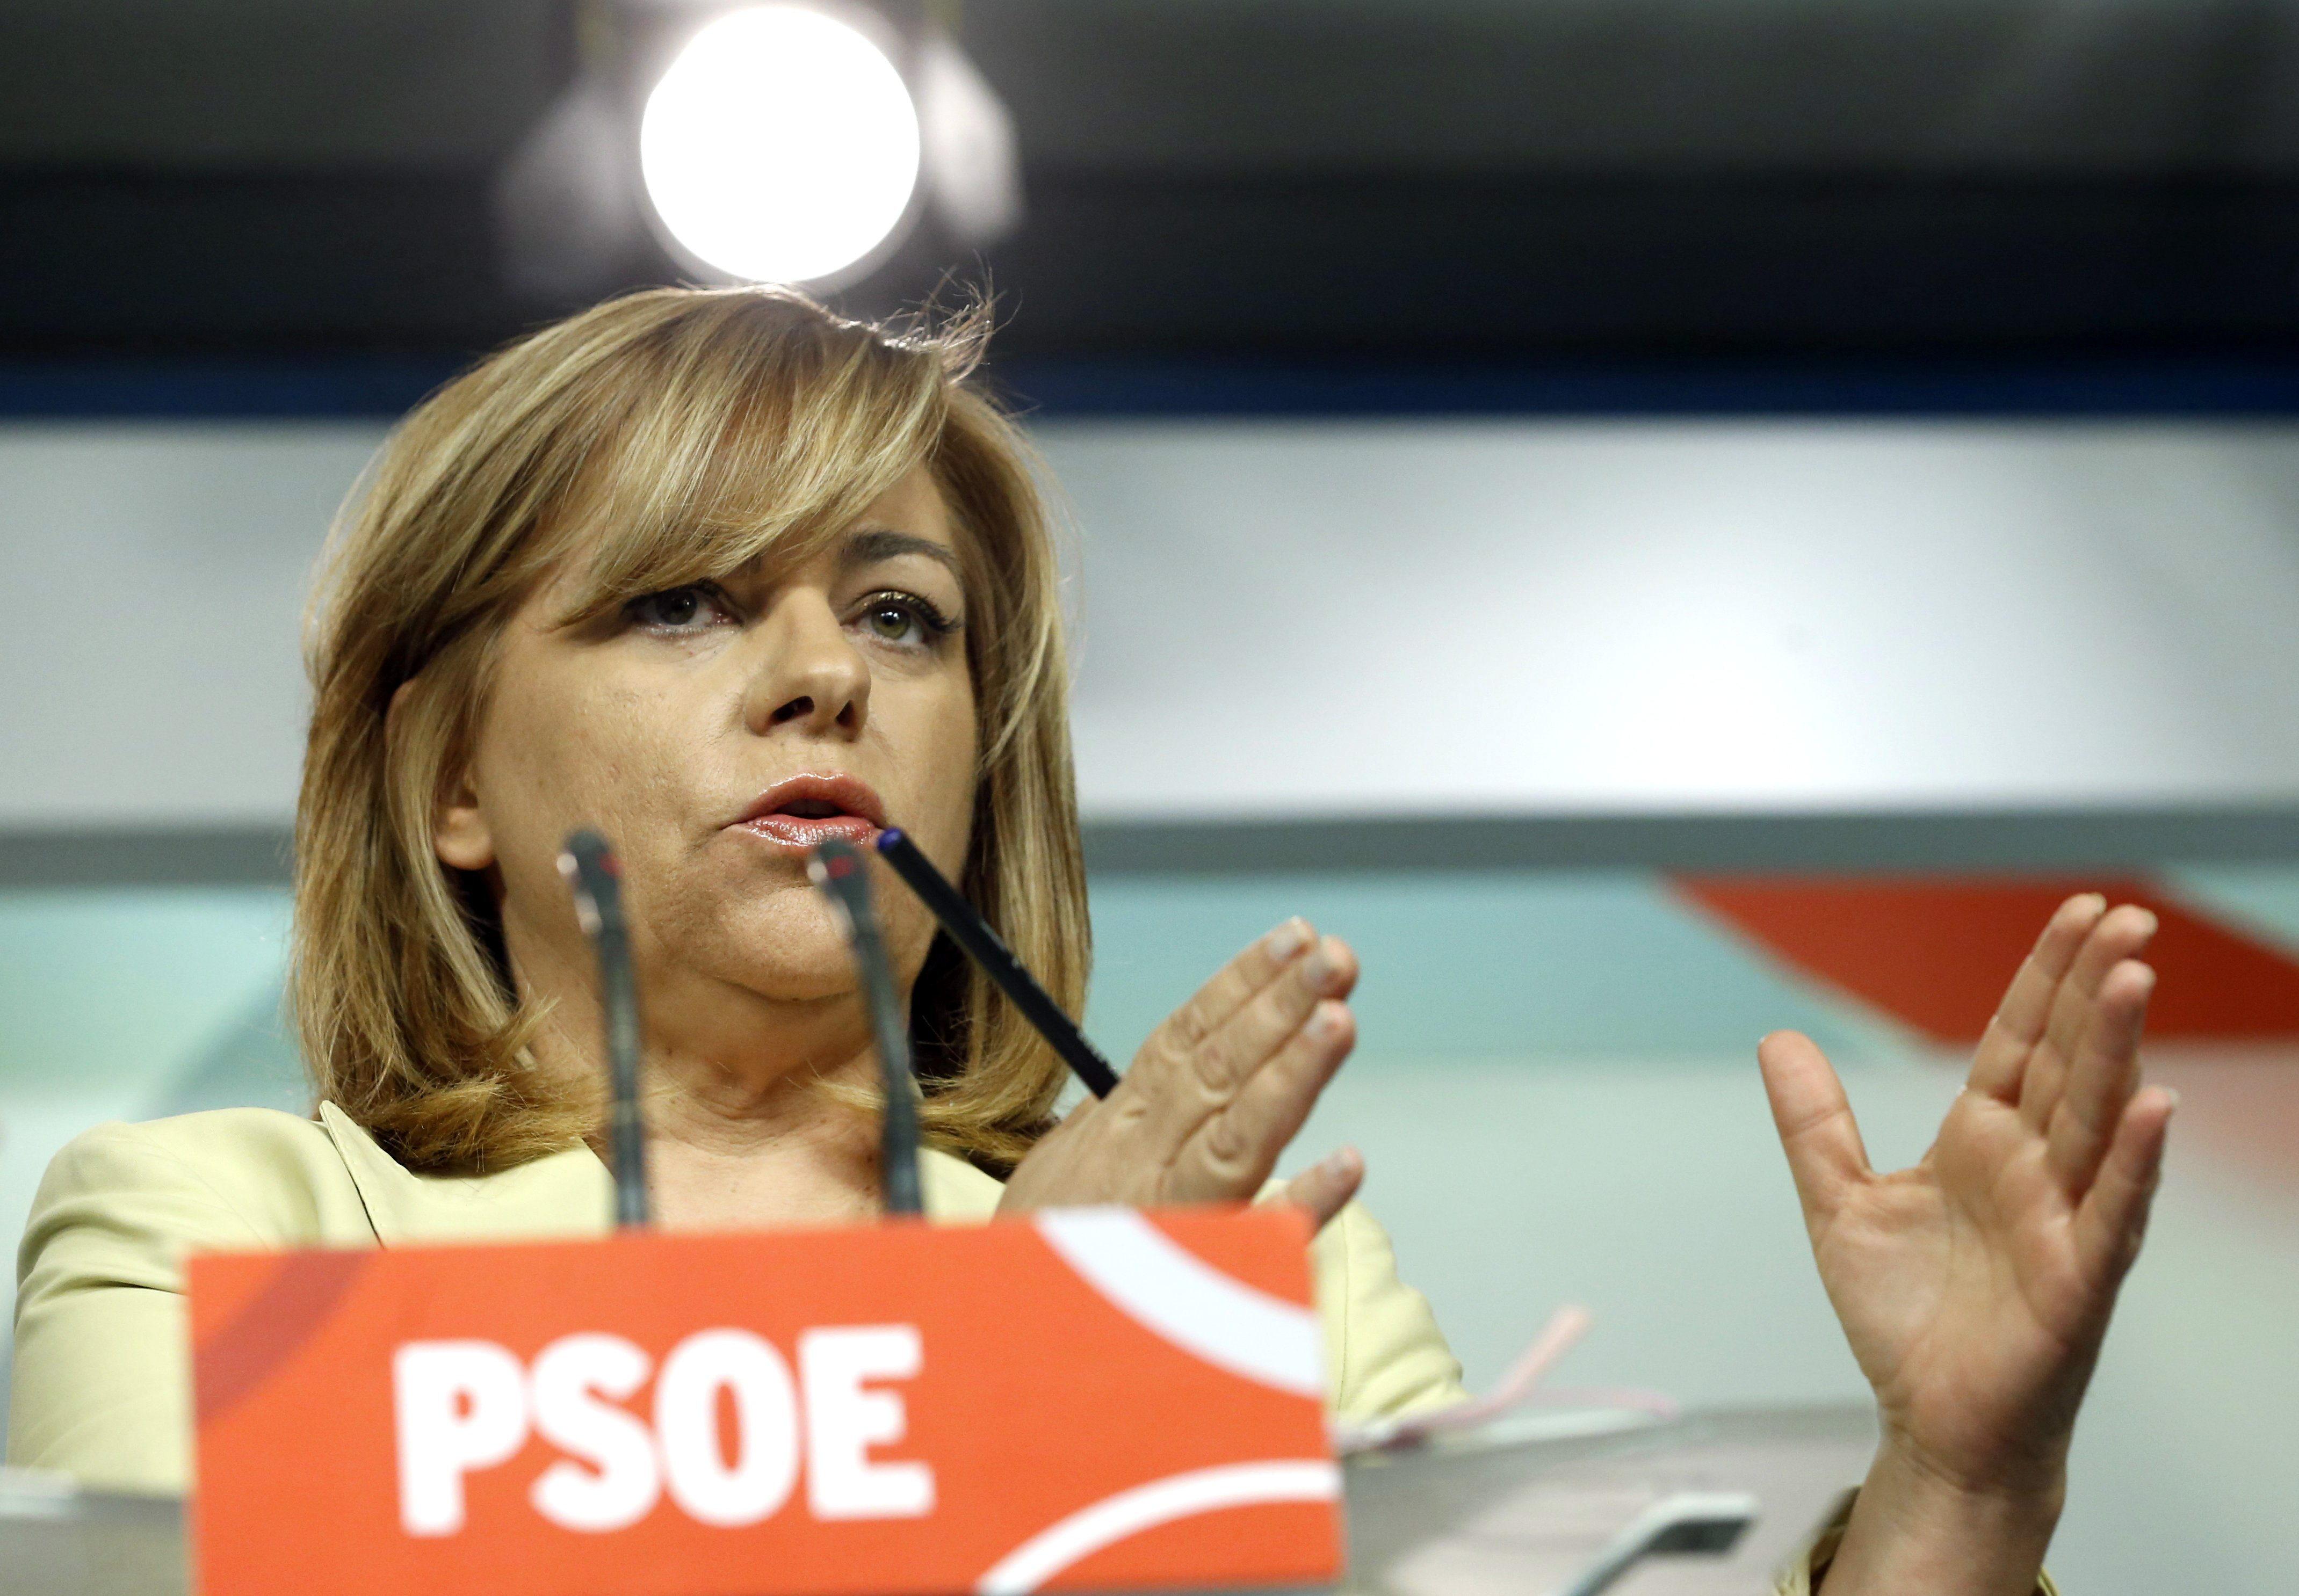 El PSOE dice que la Monarquía debe «hacerse cargo» de la situación de crisis del país